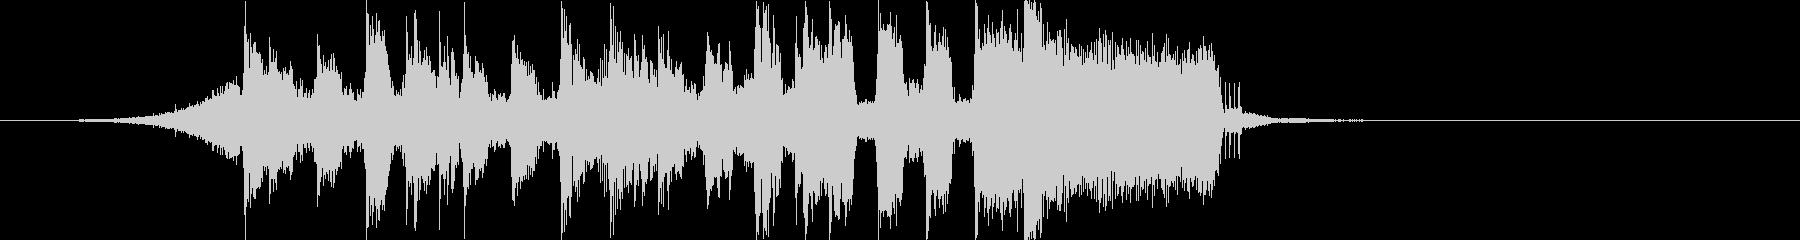 軽快ポップちょいロック4つ打ちジングルcの未再生の波形